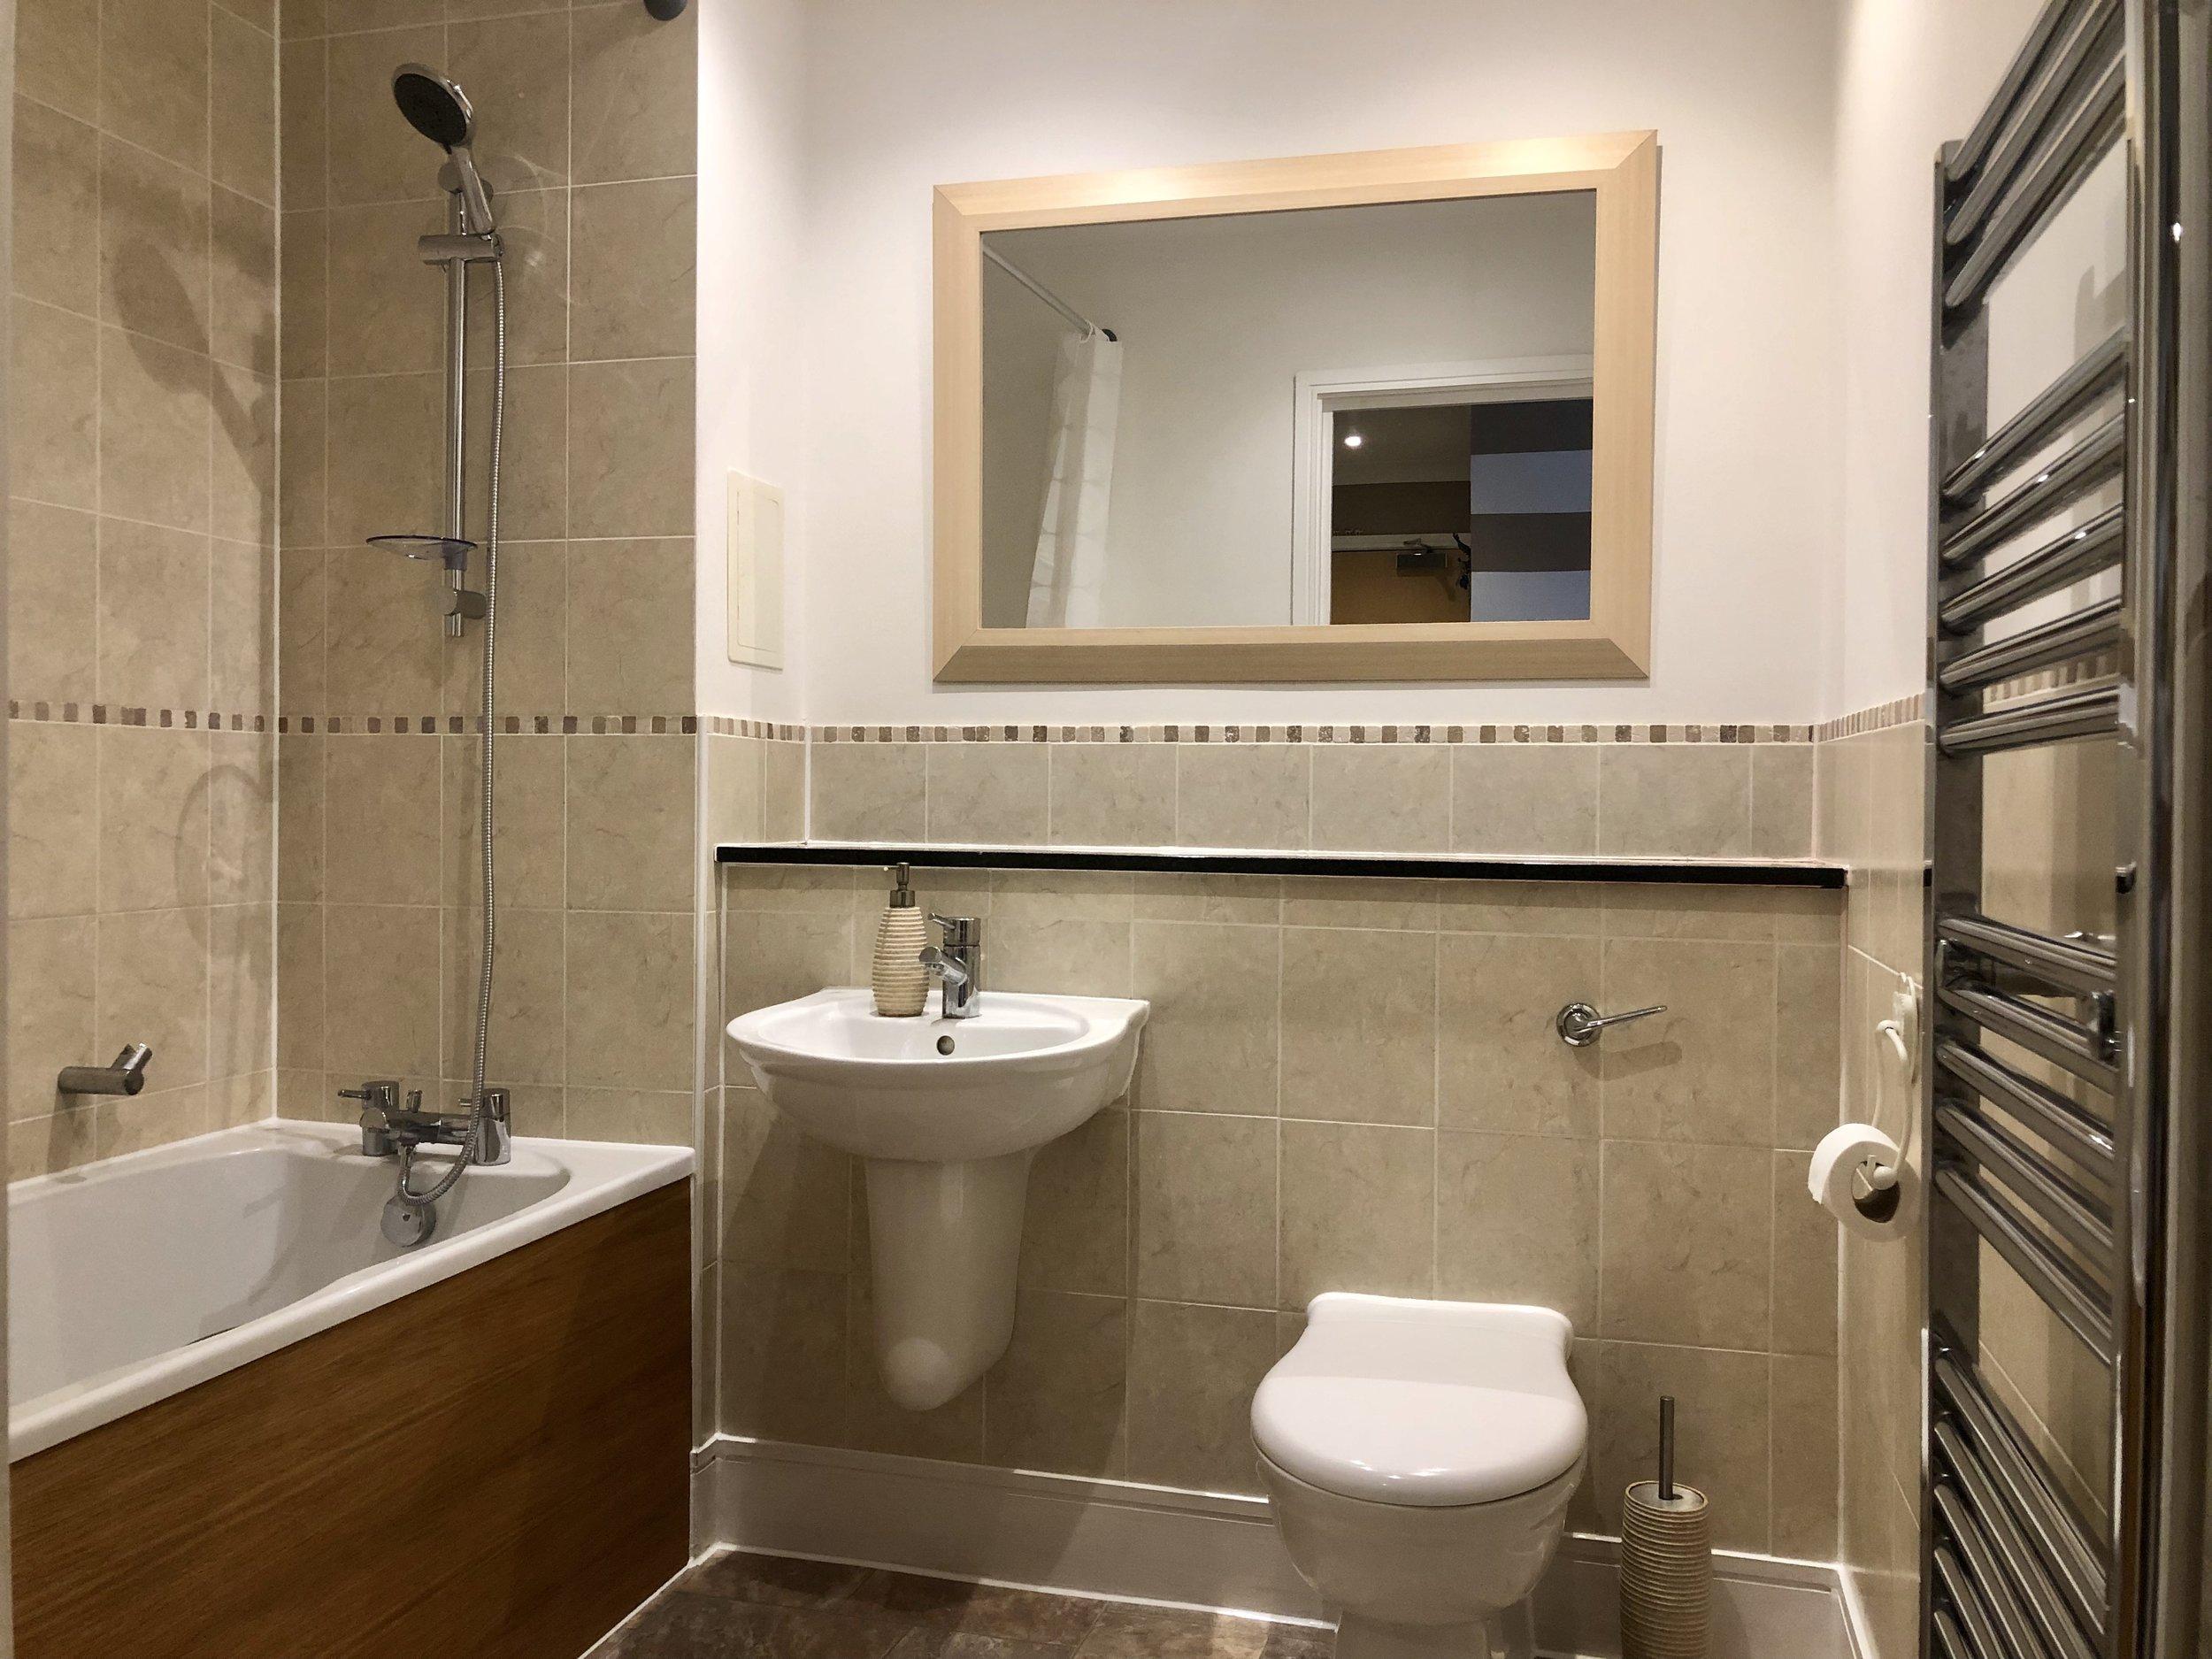 502AS Bathroom with shower over bath.jpg